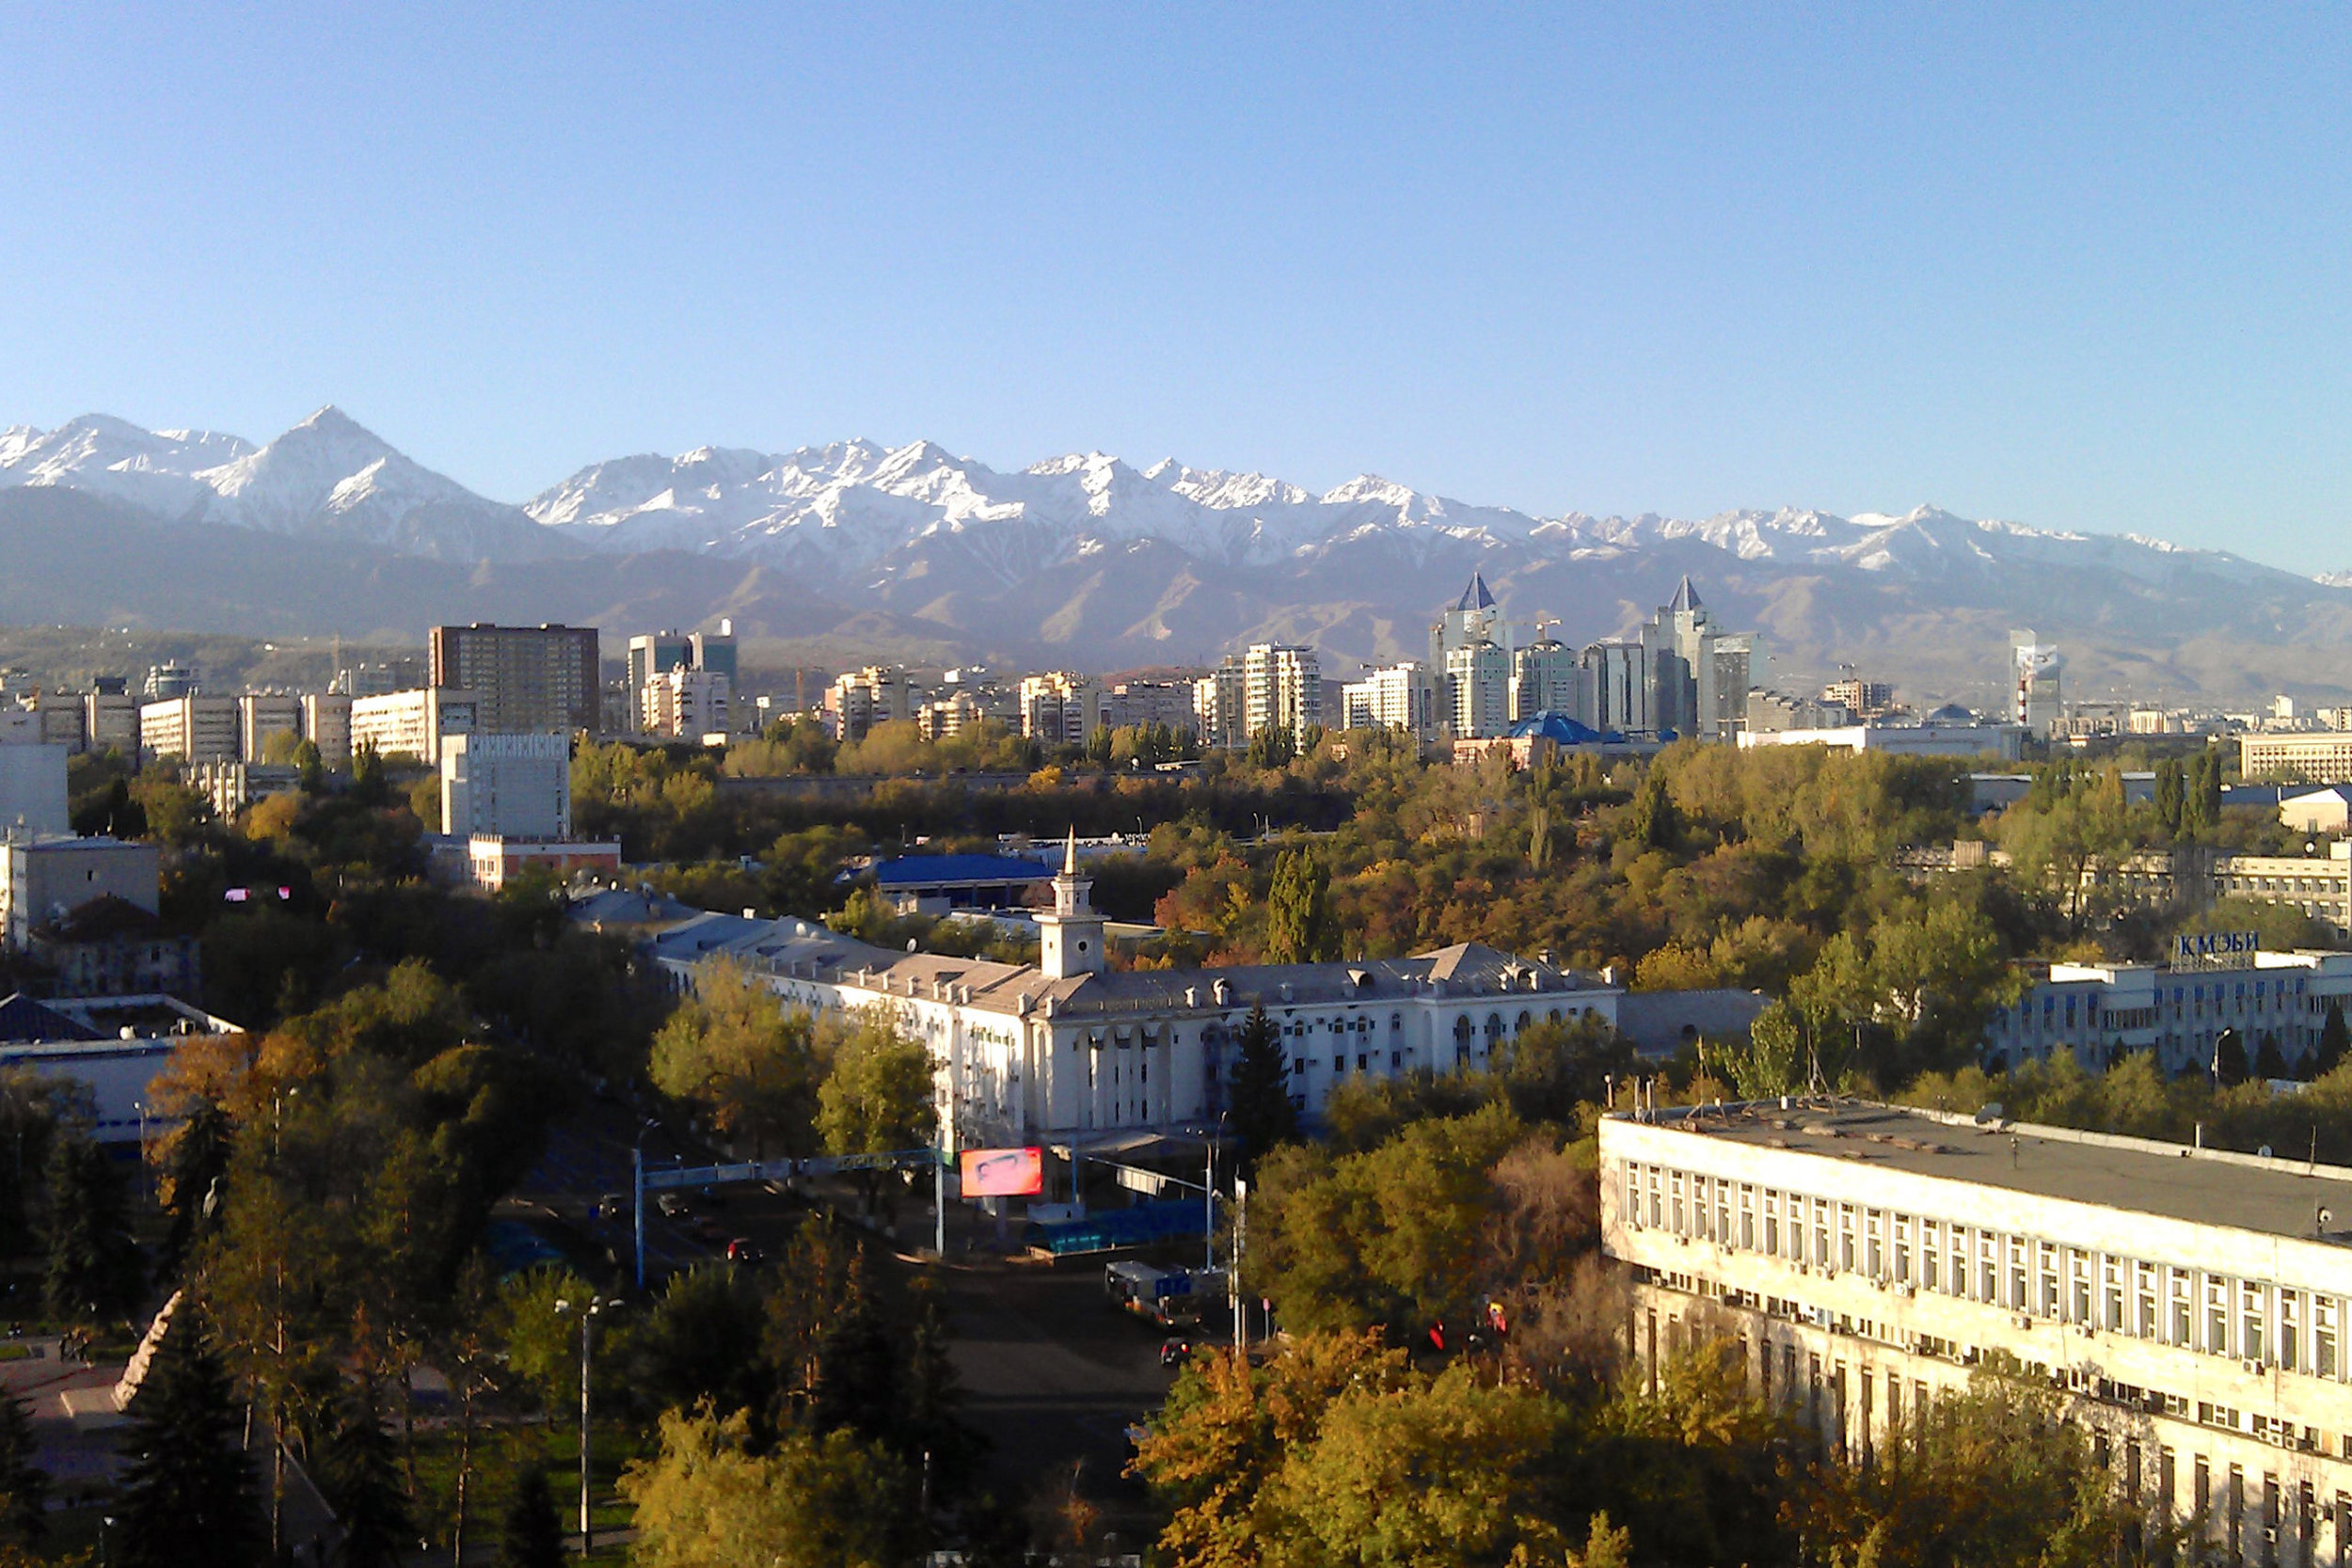 A view of Almaty, Kazakhstan. Photo Credit: Timur